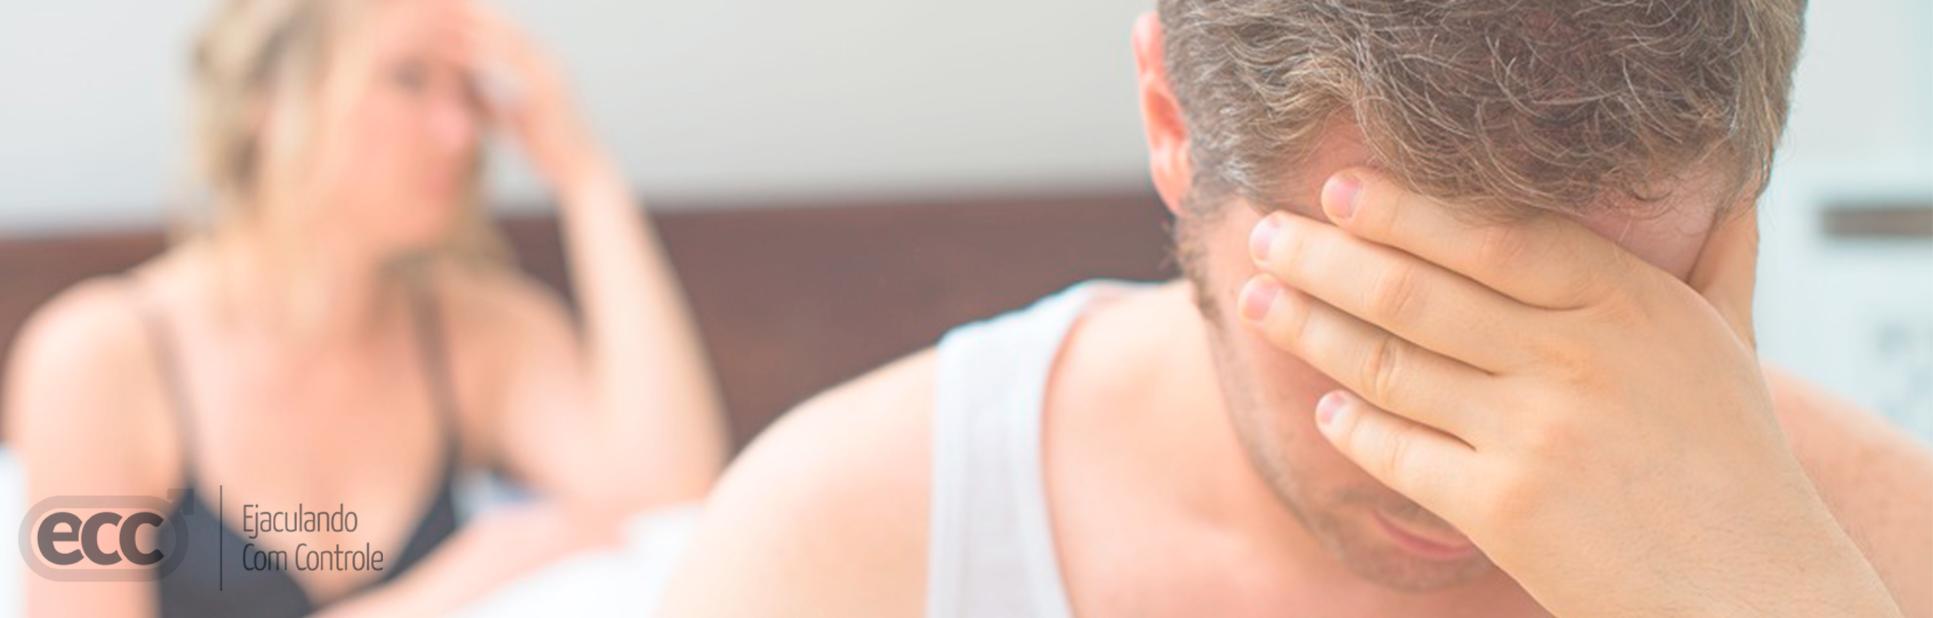 como acabar com a ejaculação precoce